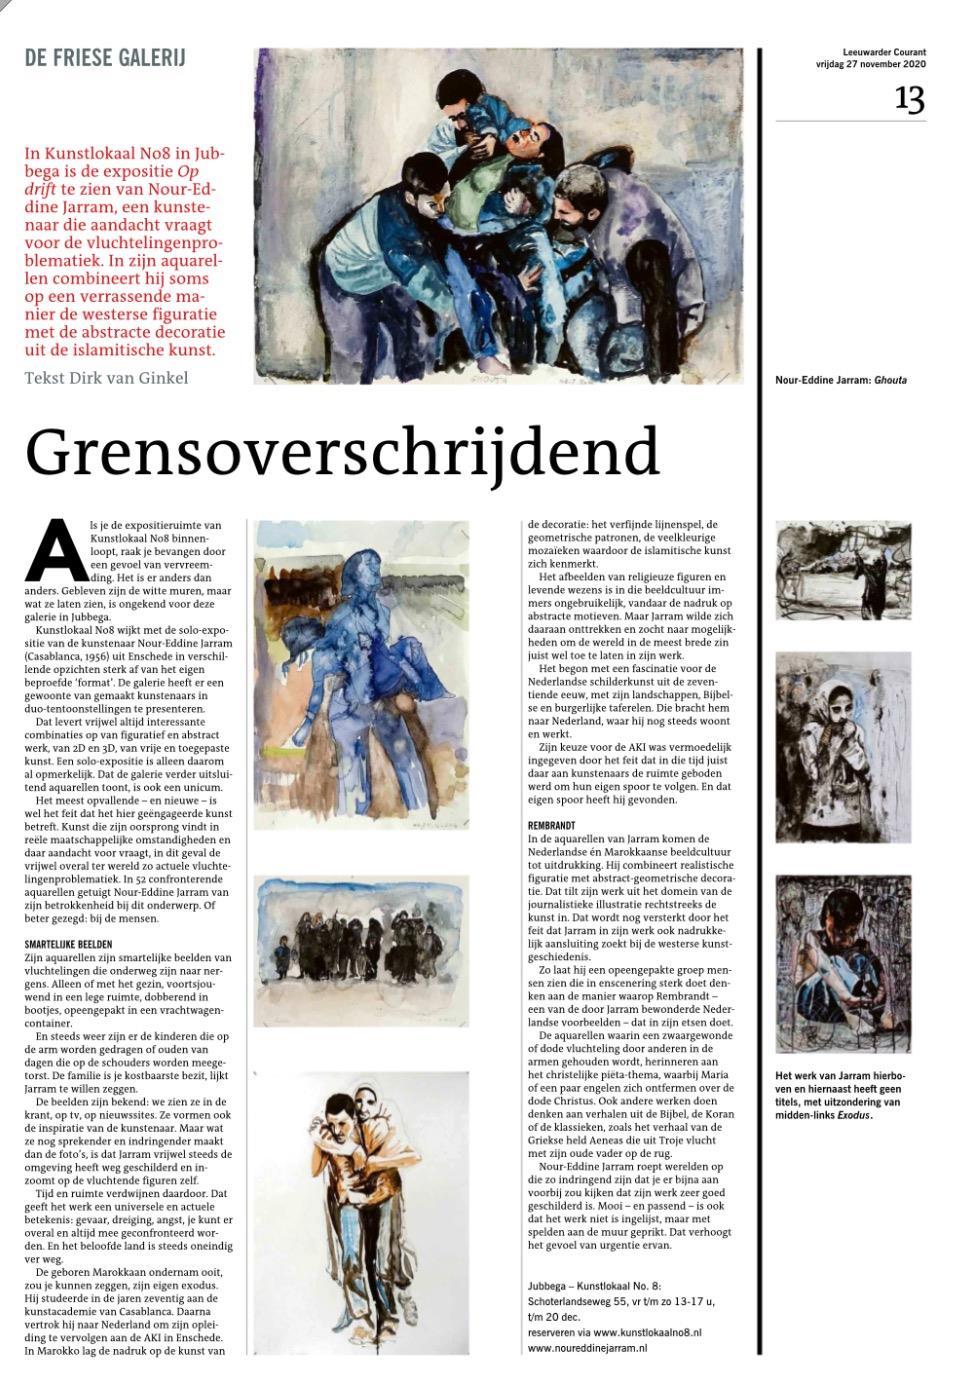 LC | DE FRIESE GALERIJ 27 november 2020 - Dirk van Ginkel - Grensoverschrijdend, over Nour-Eddine Jarram in Kunstlokaal No8 - zeer goed geschilderd